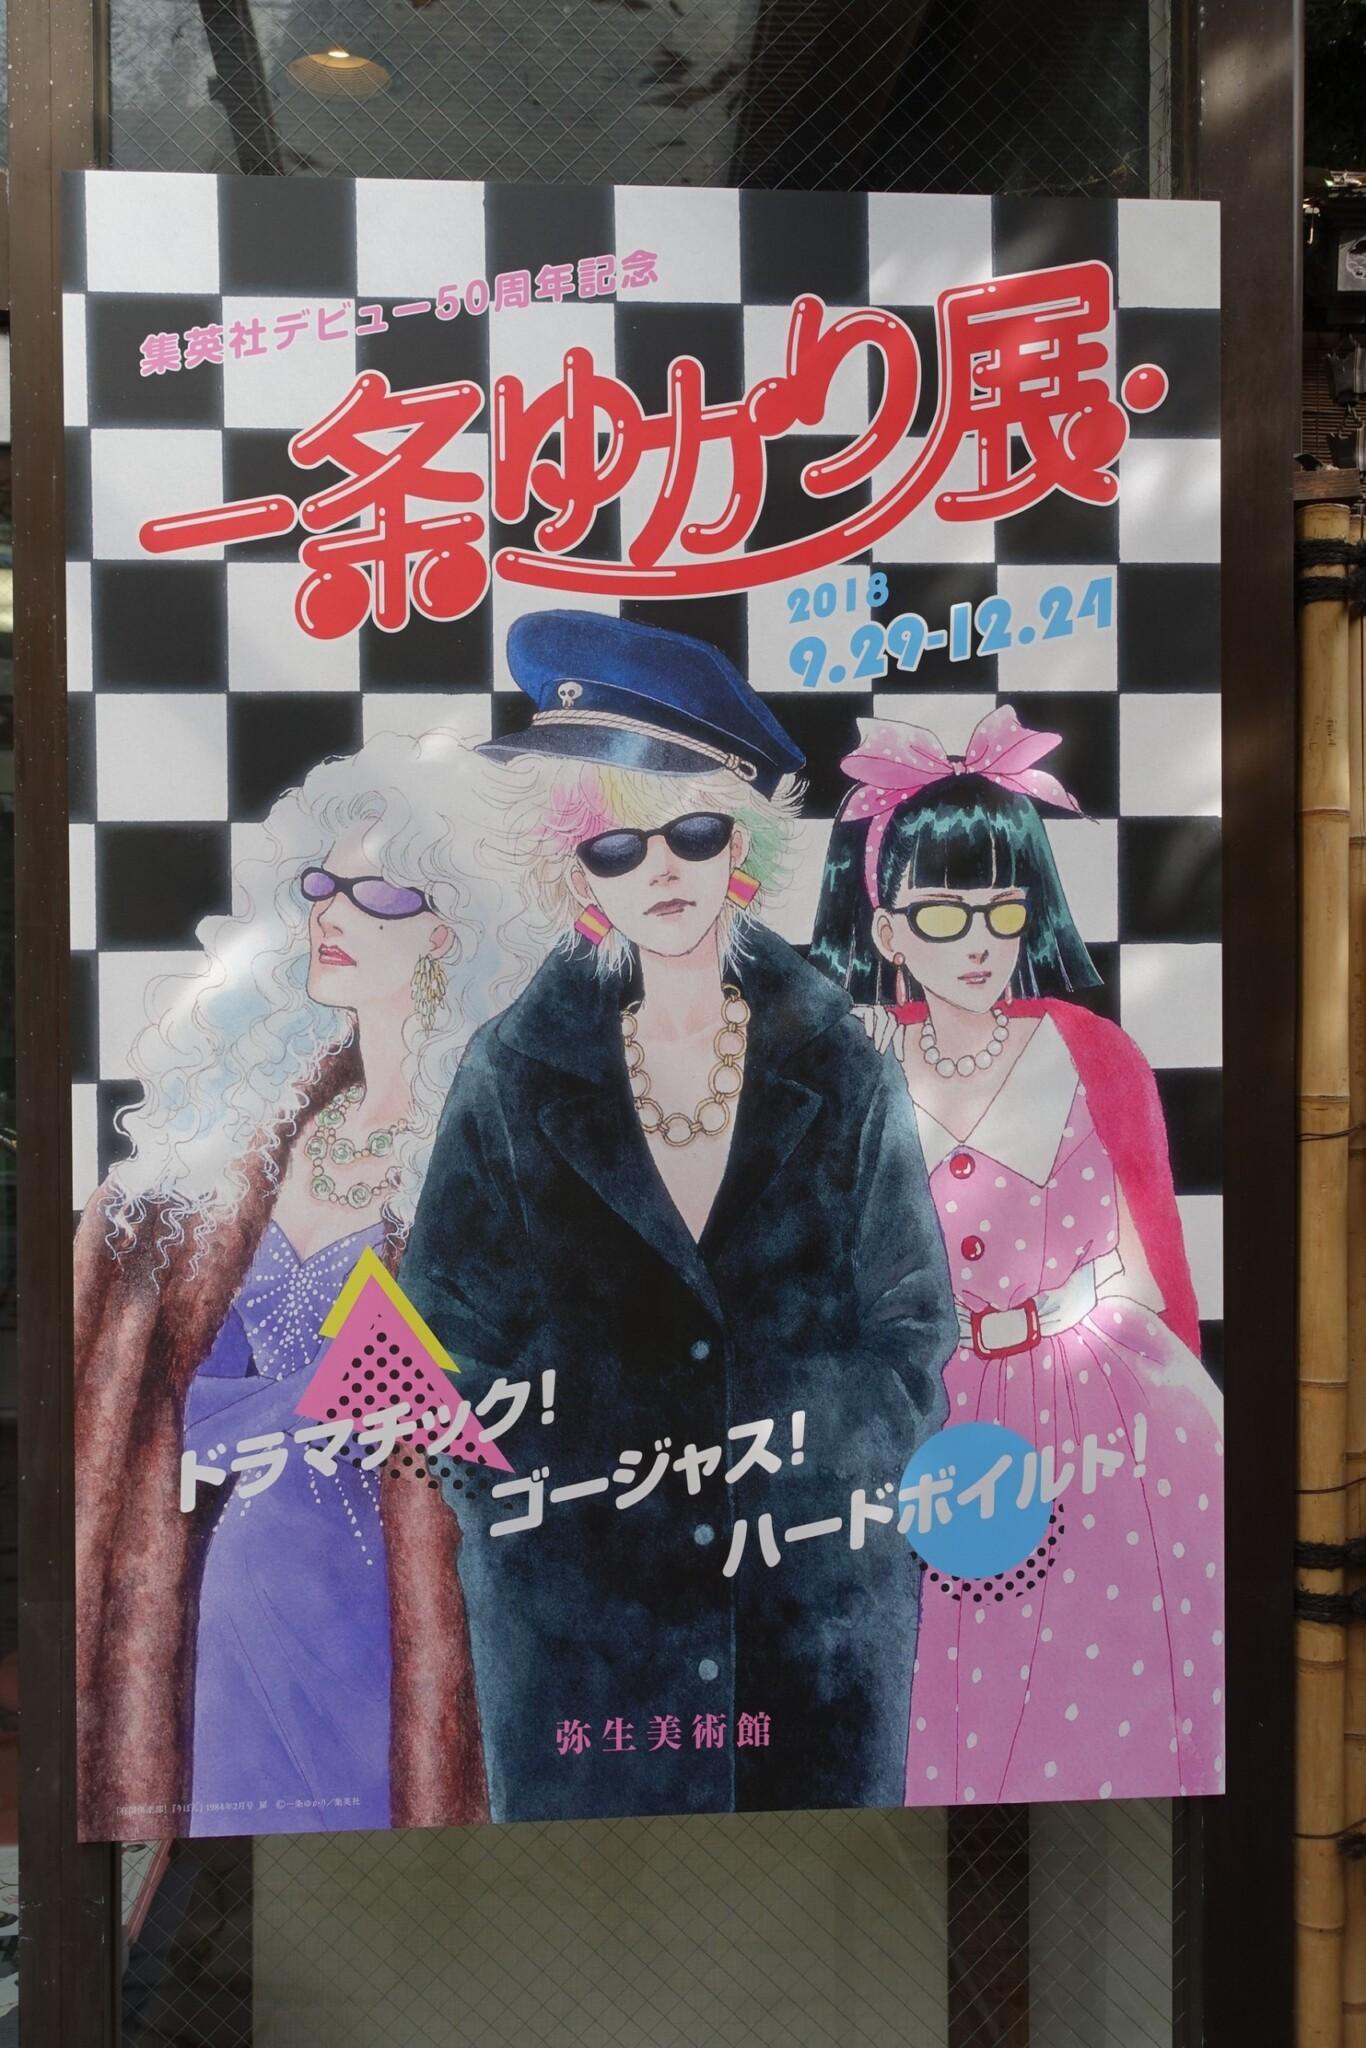 集英社デビュー50周年記念 一条ゆかり 展 ~ドラマチック!ゴージャス!ハードボイルド!~